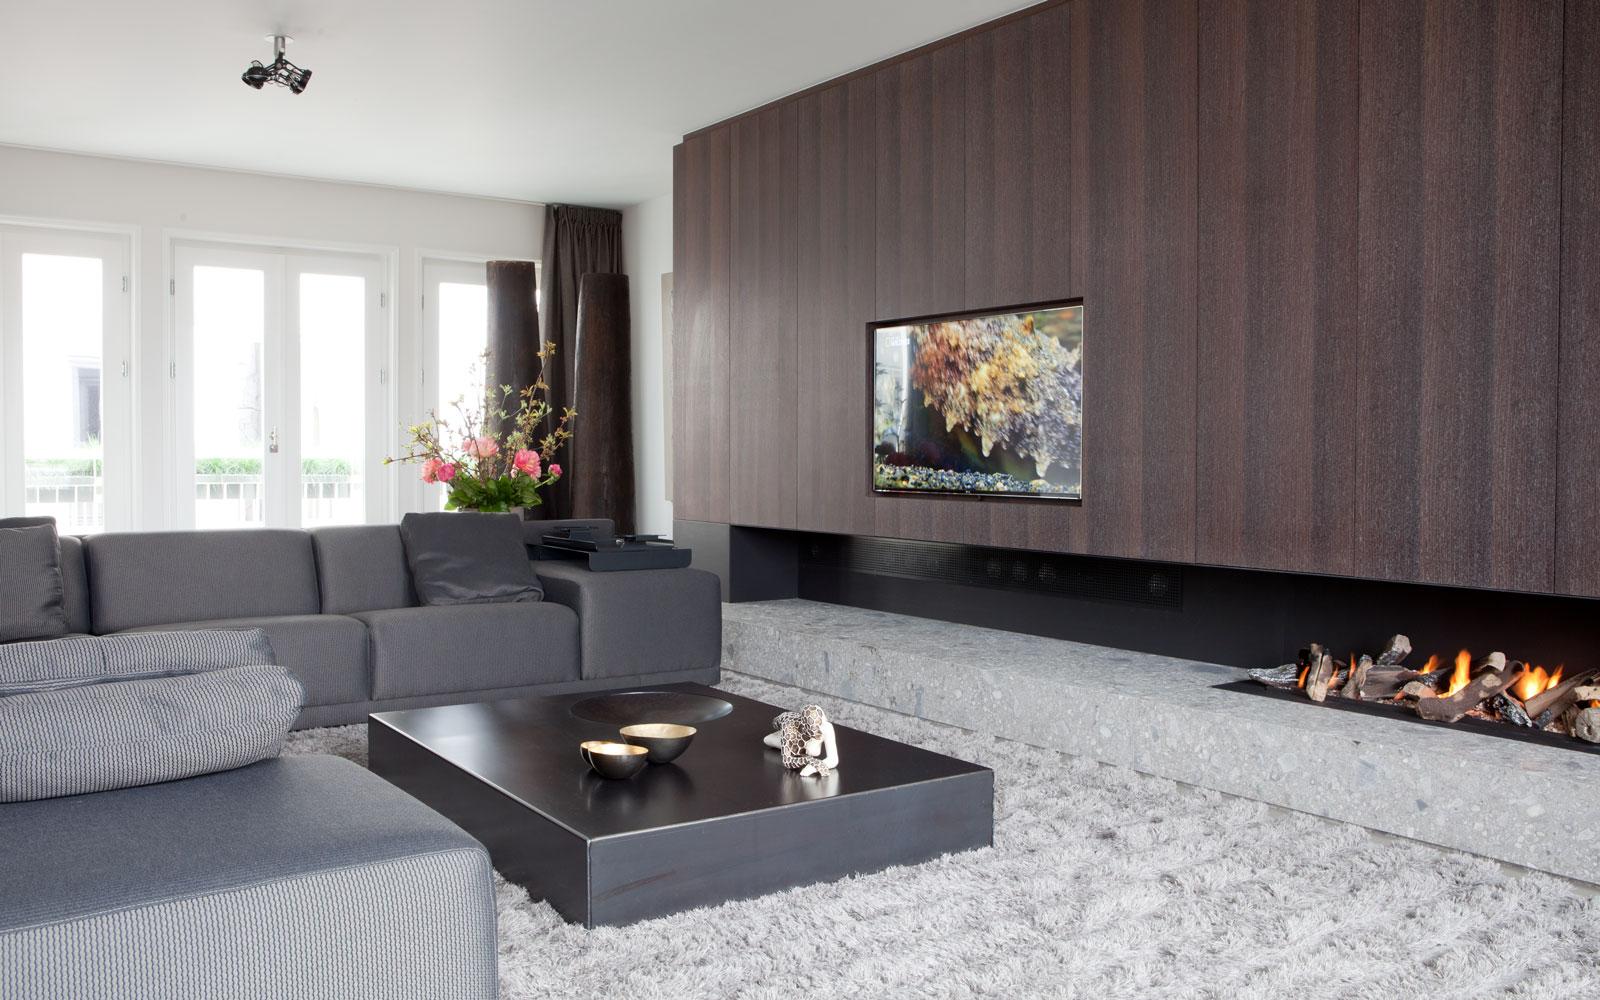 Woonkamer, open haard, Het Openhaarden Huys, maatwerk kast, televisie, penthouse, Amsterdam, Remy Meijers